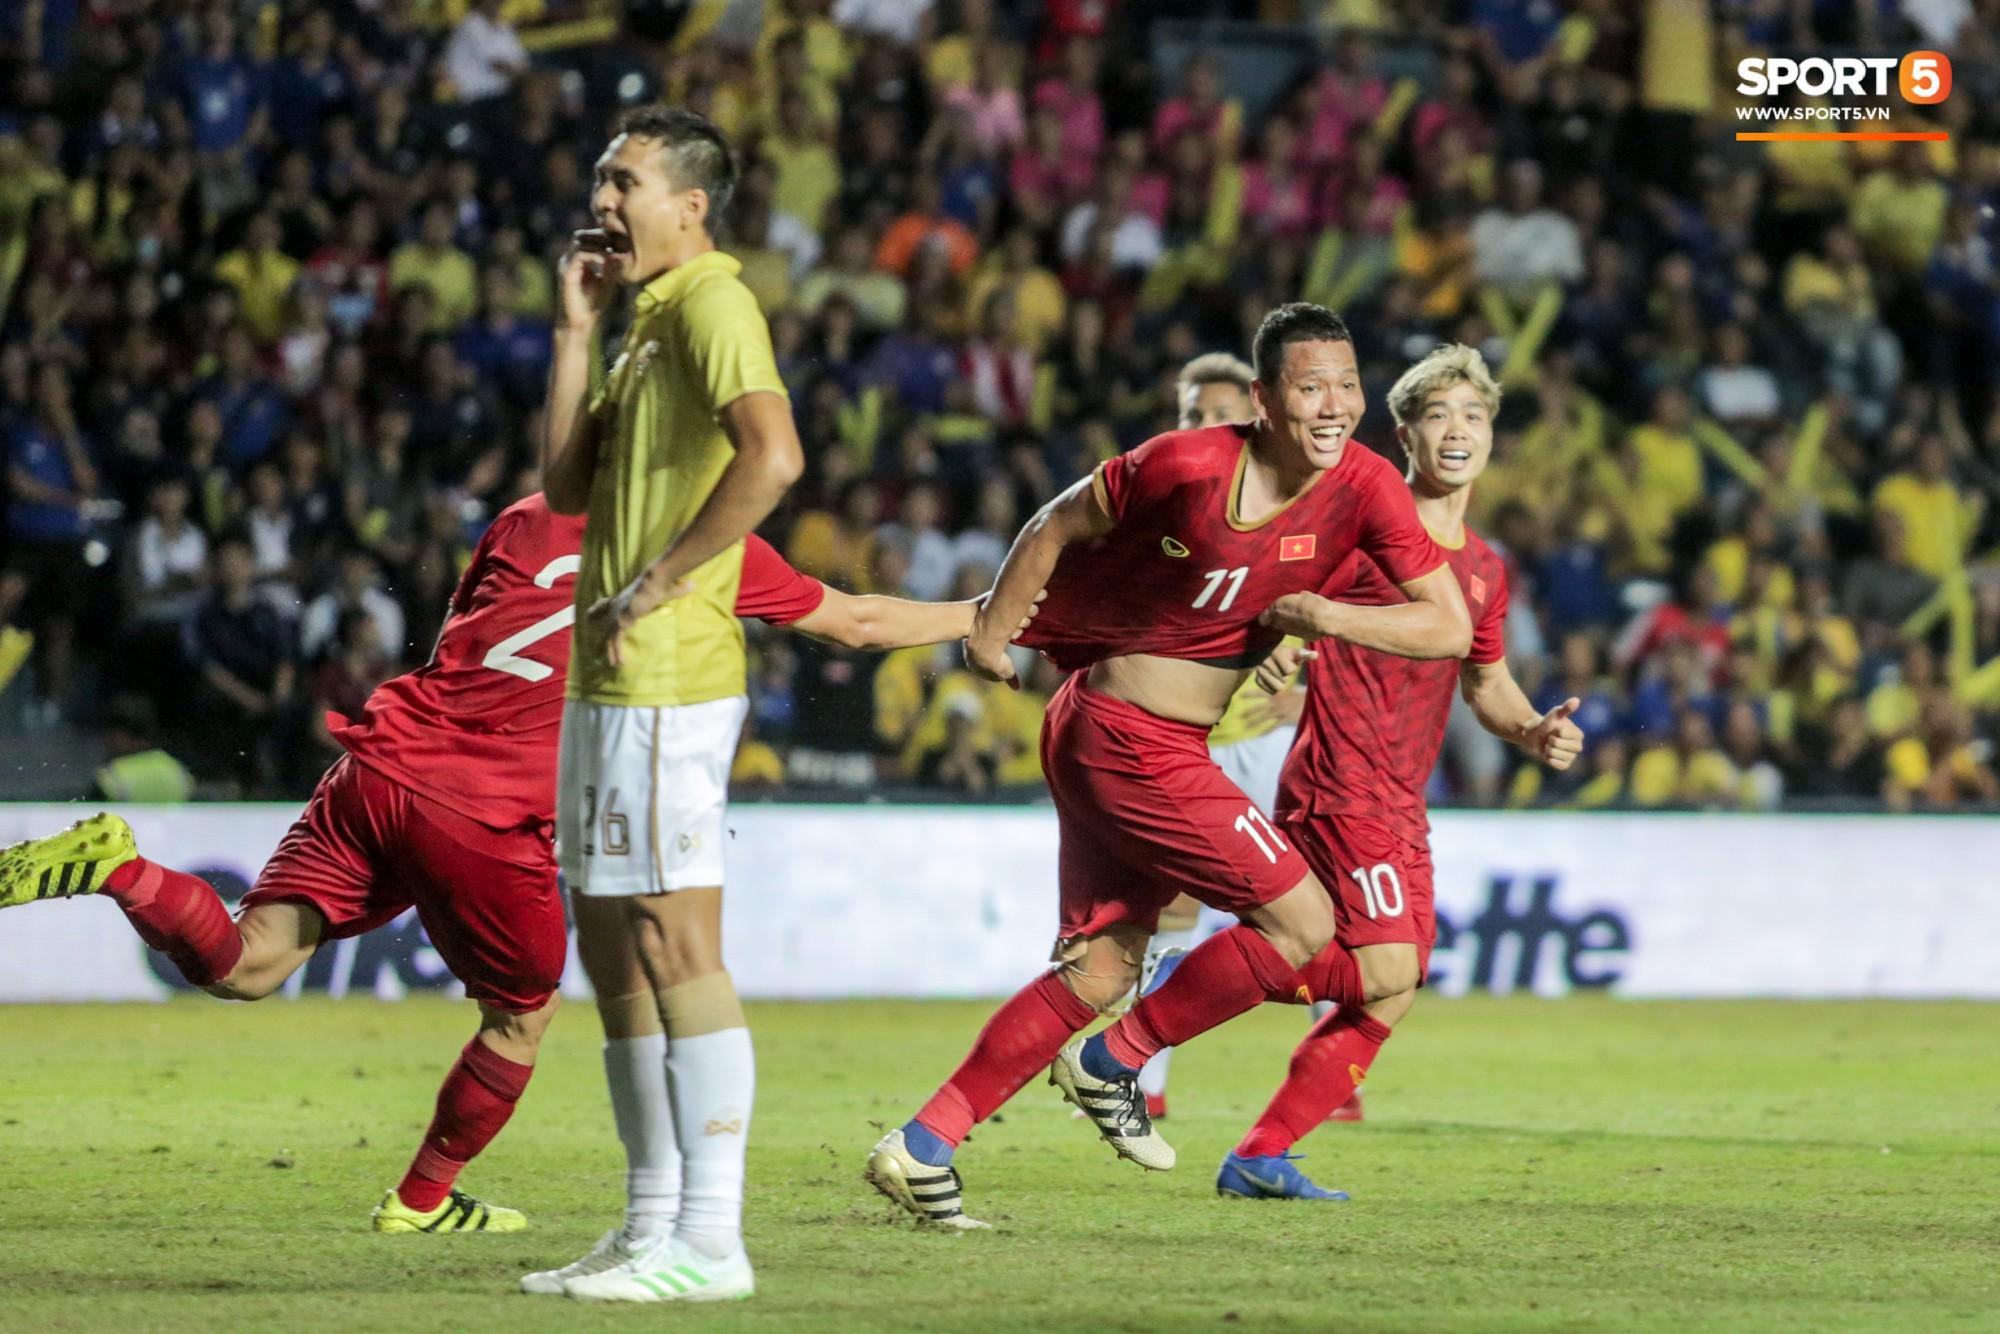 Hài hước: Tiền vệ tuyển Việt Nam bị trọng tài xin lại bụng bầu sau màn ăn mừng kinh điển - Ảnh 1.